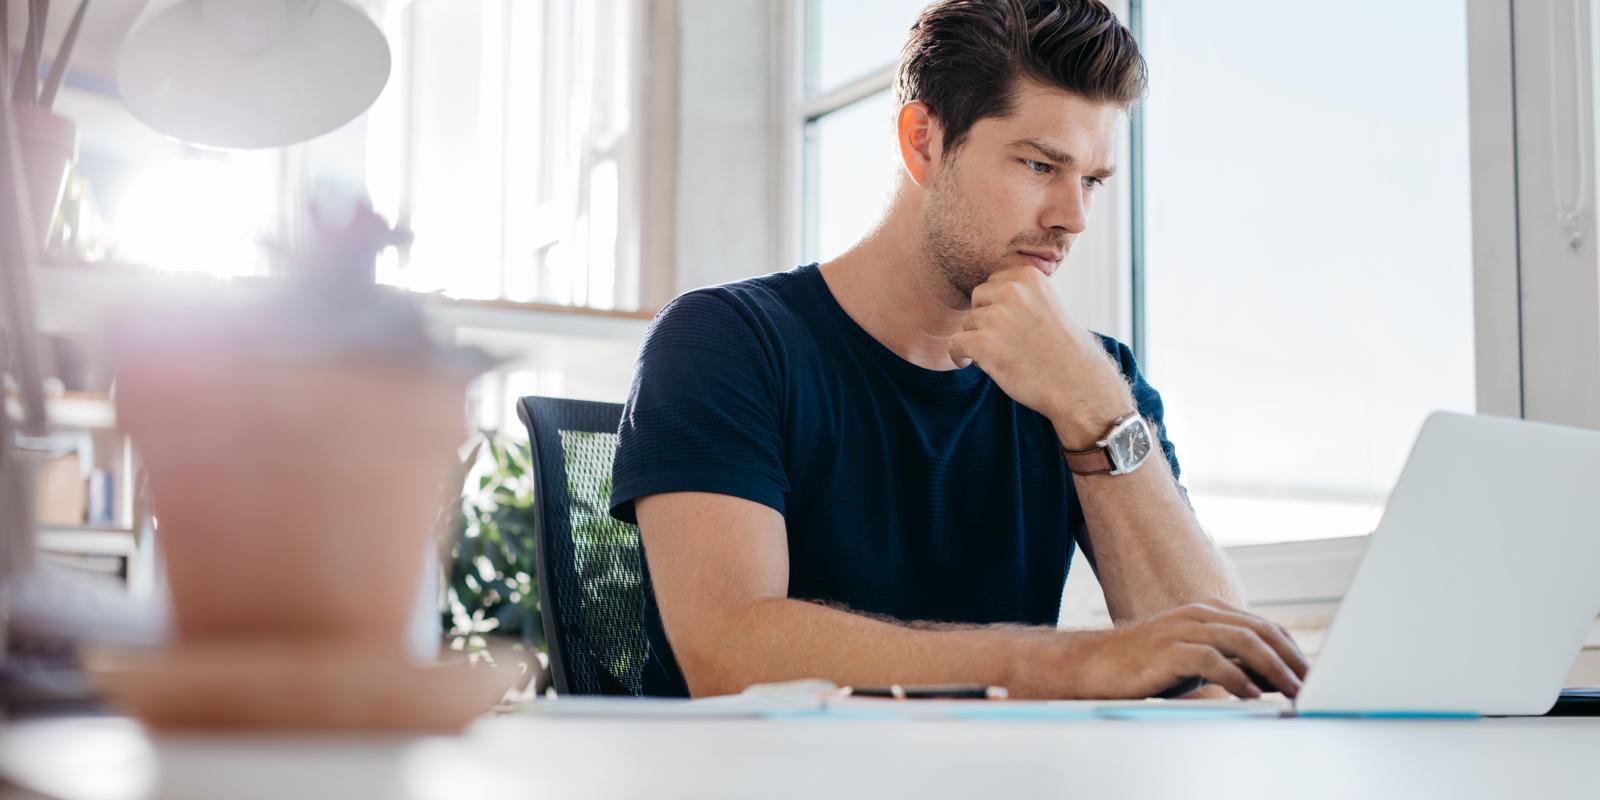 man looking at a computer